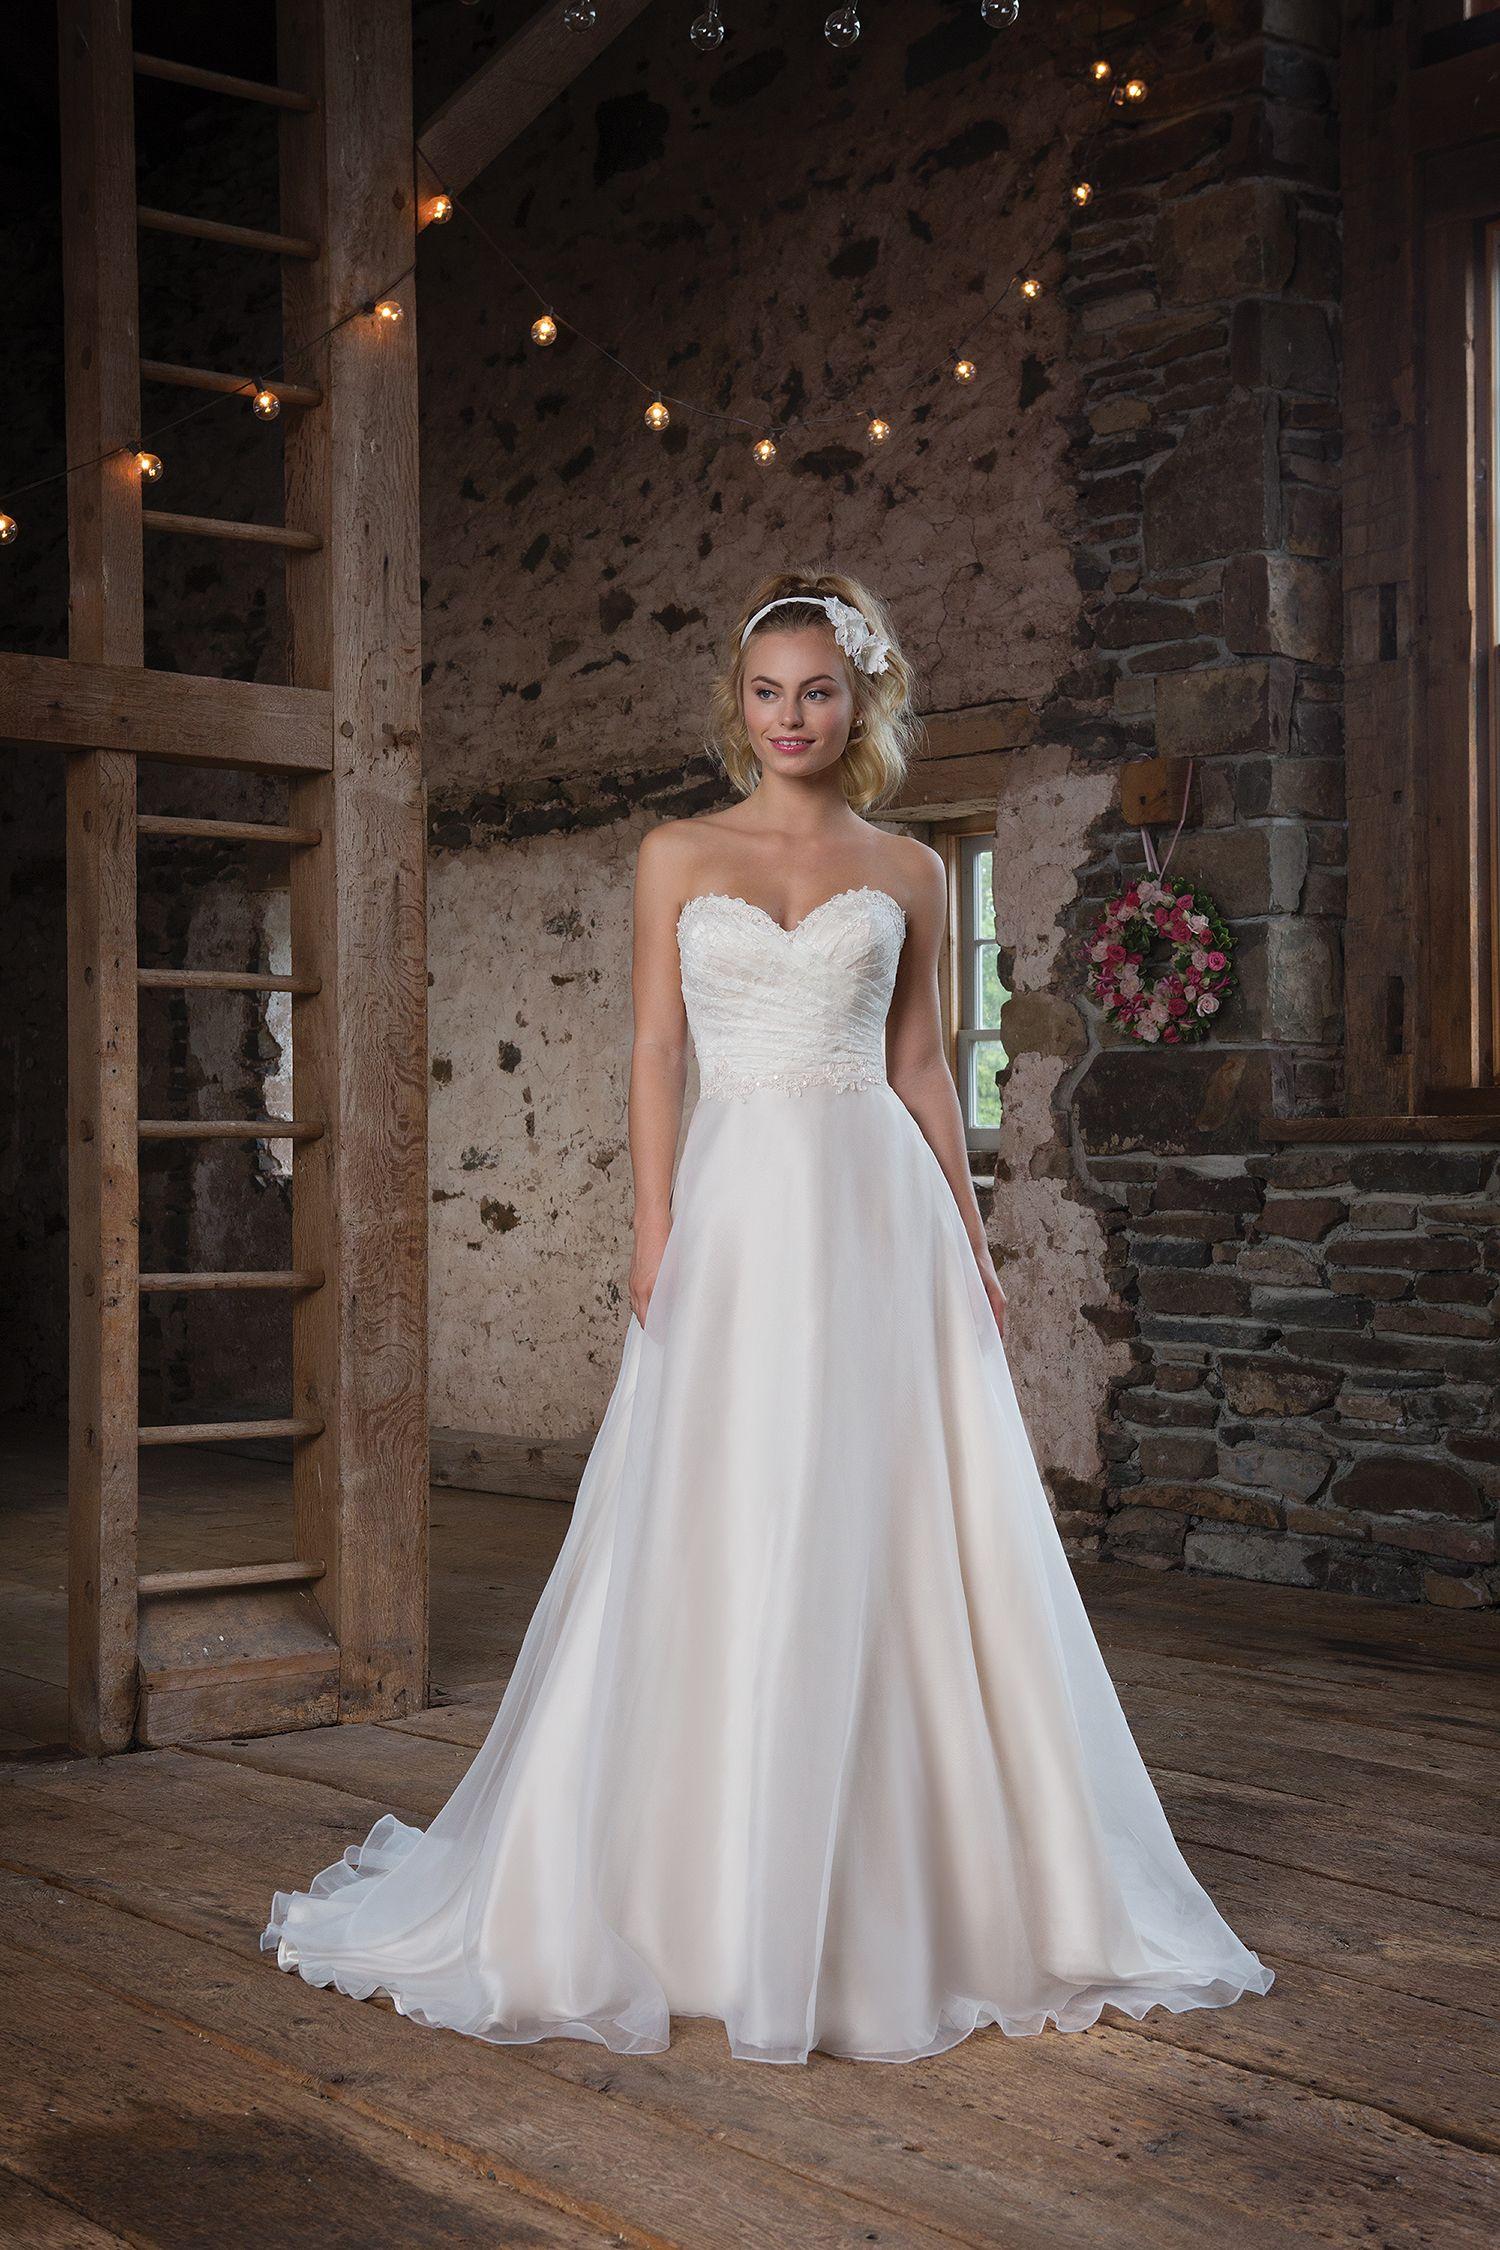 Mooie jurk van #Sweetheart